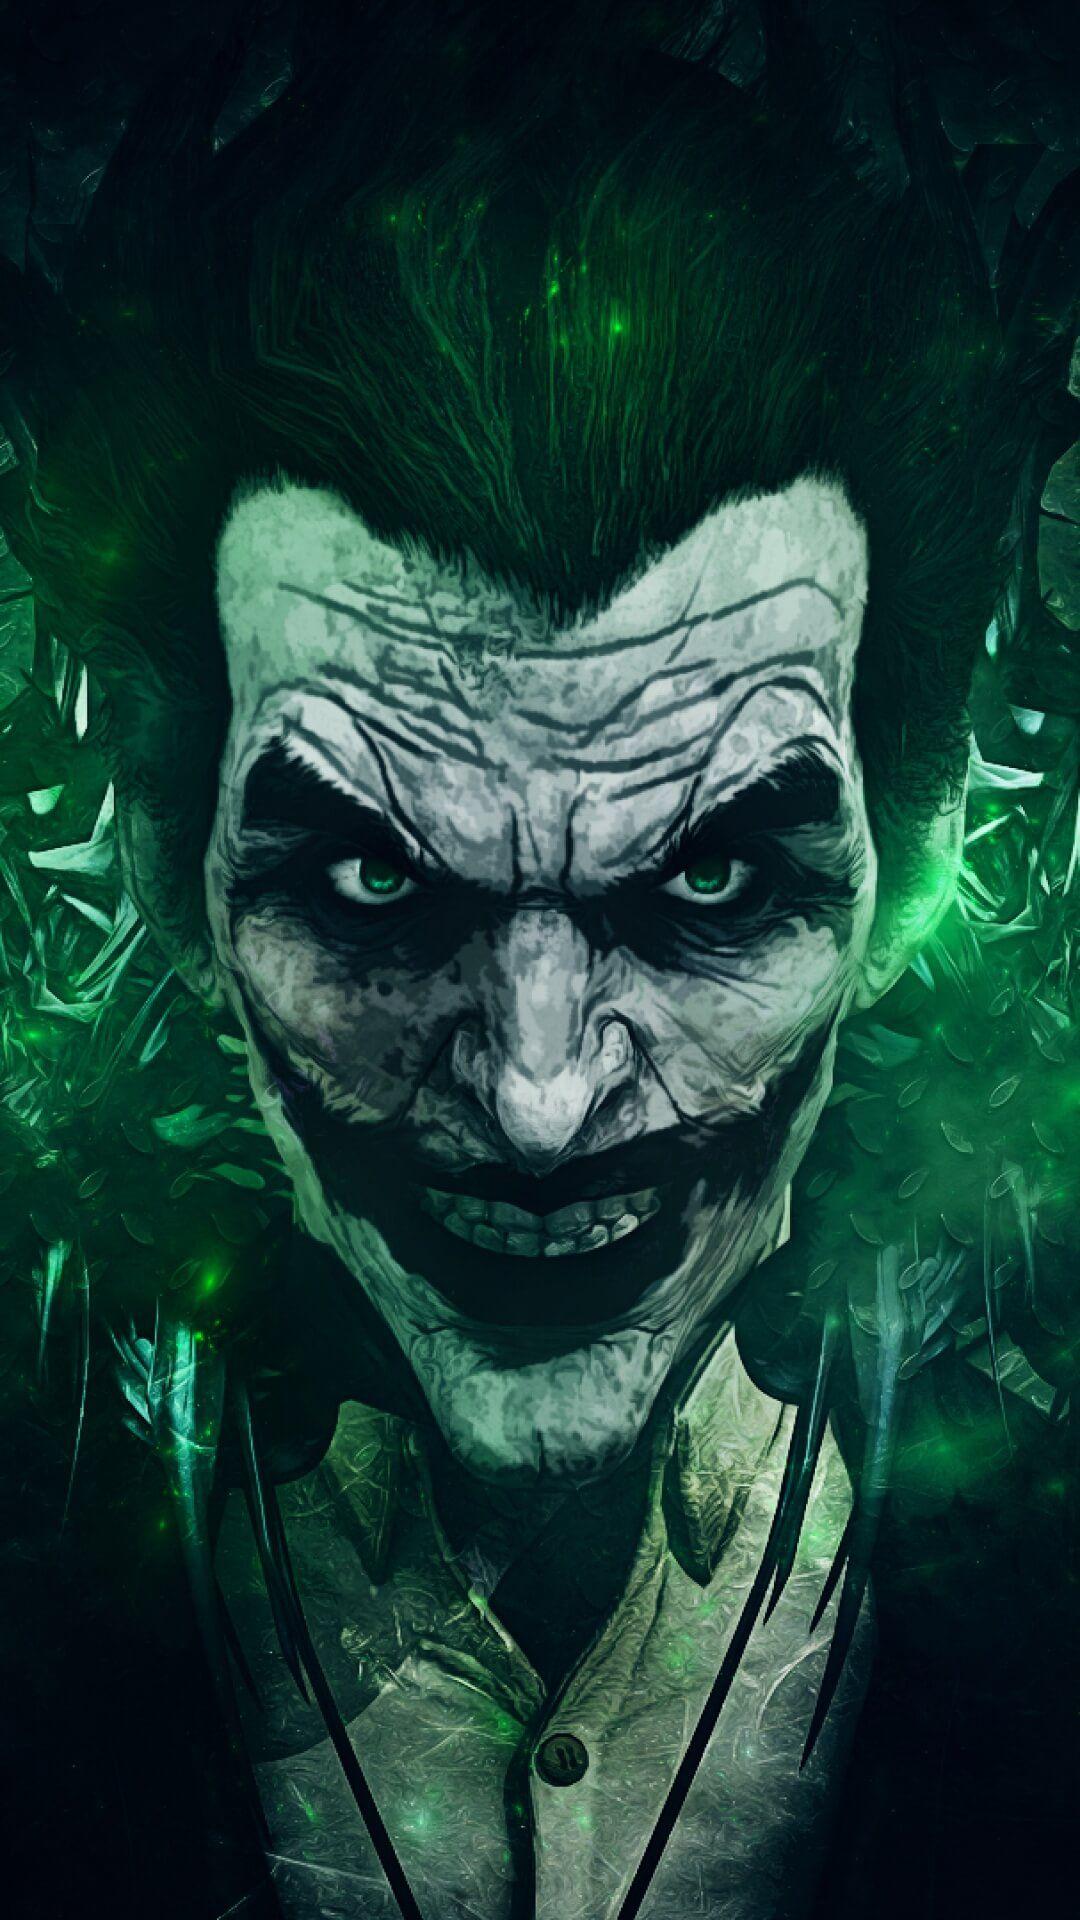 ☺iphone wallpaper tumblr-454 | villains | Joker wallpapers